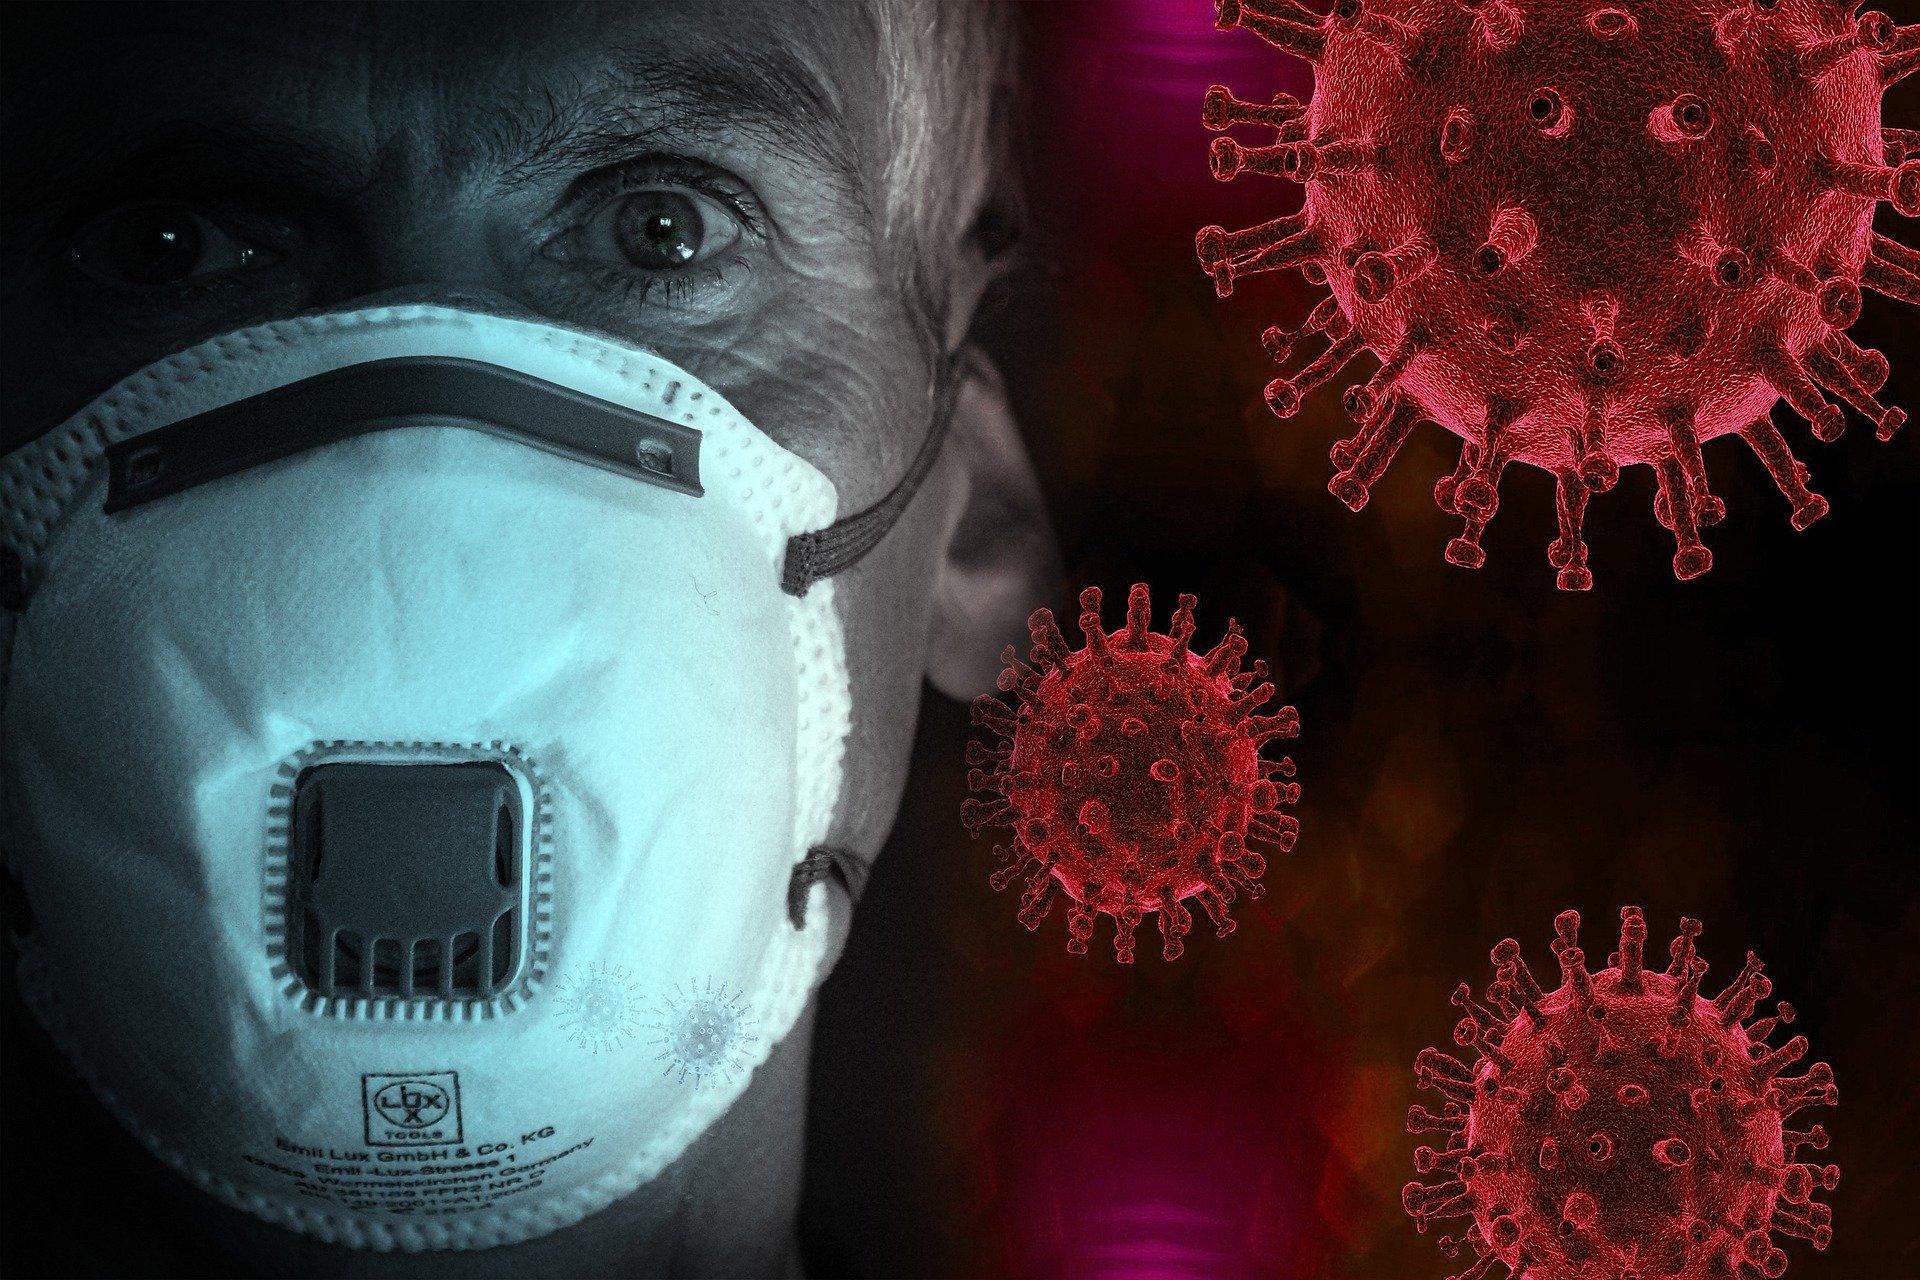 Coronavirus COVID19 Maske Pandemie Epidemie Krise Wien Österreich Umzug